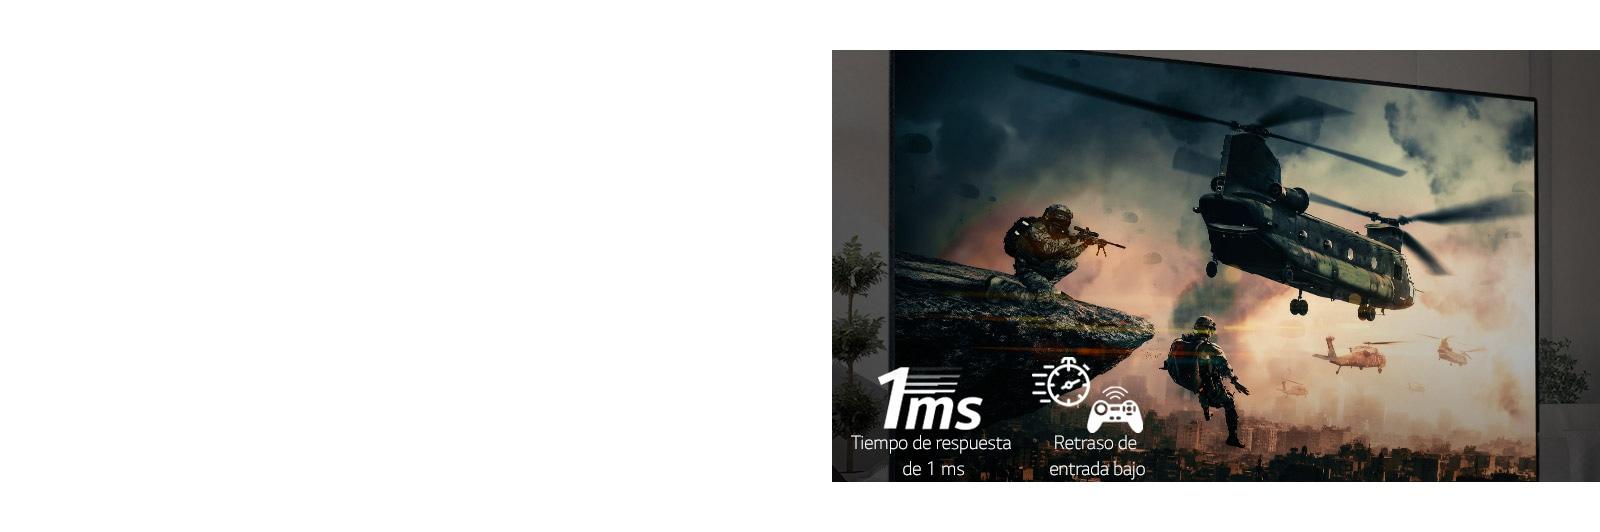 Primer plano de un jugador que sujeta un volante de carreras y juega en un juego de carreras en la pantalla del televisor.